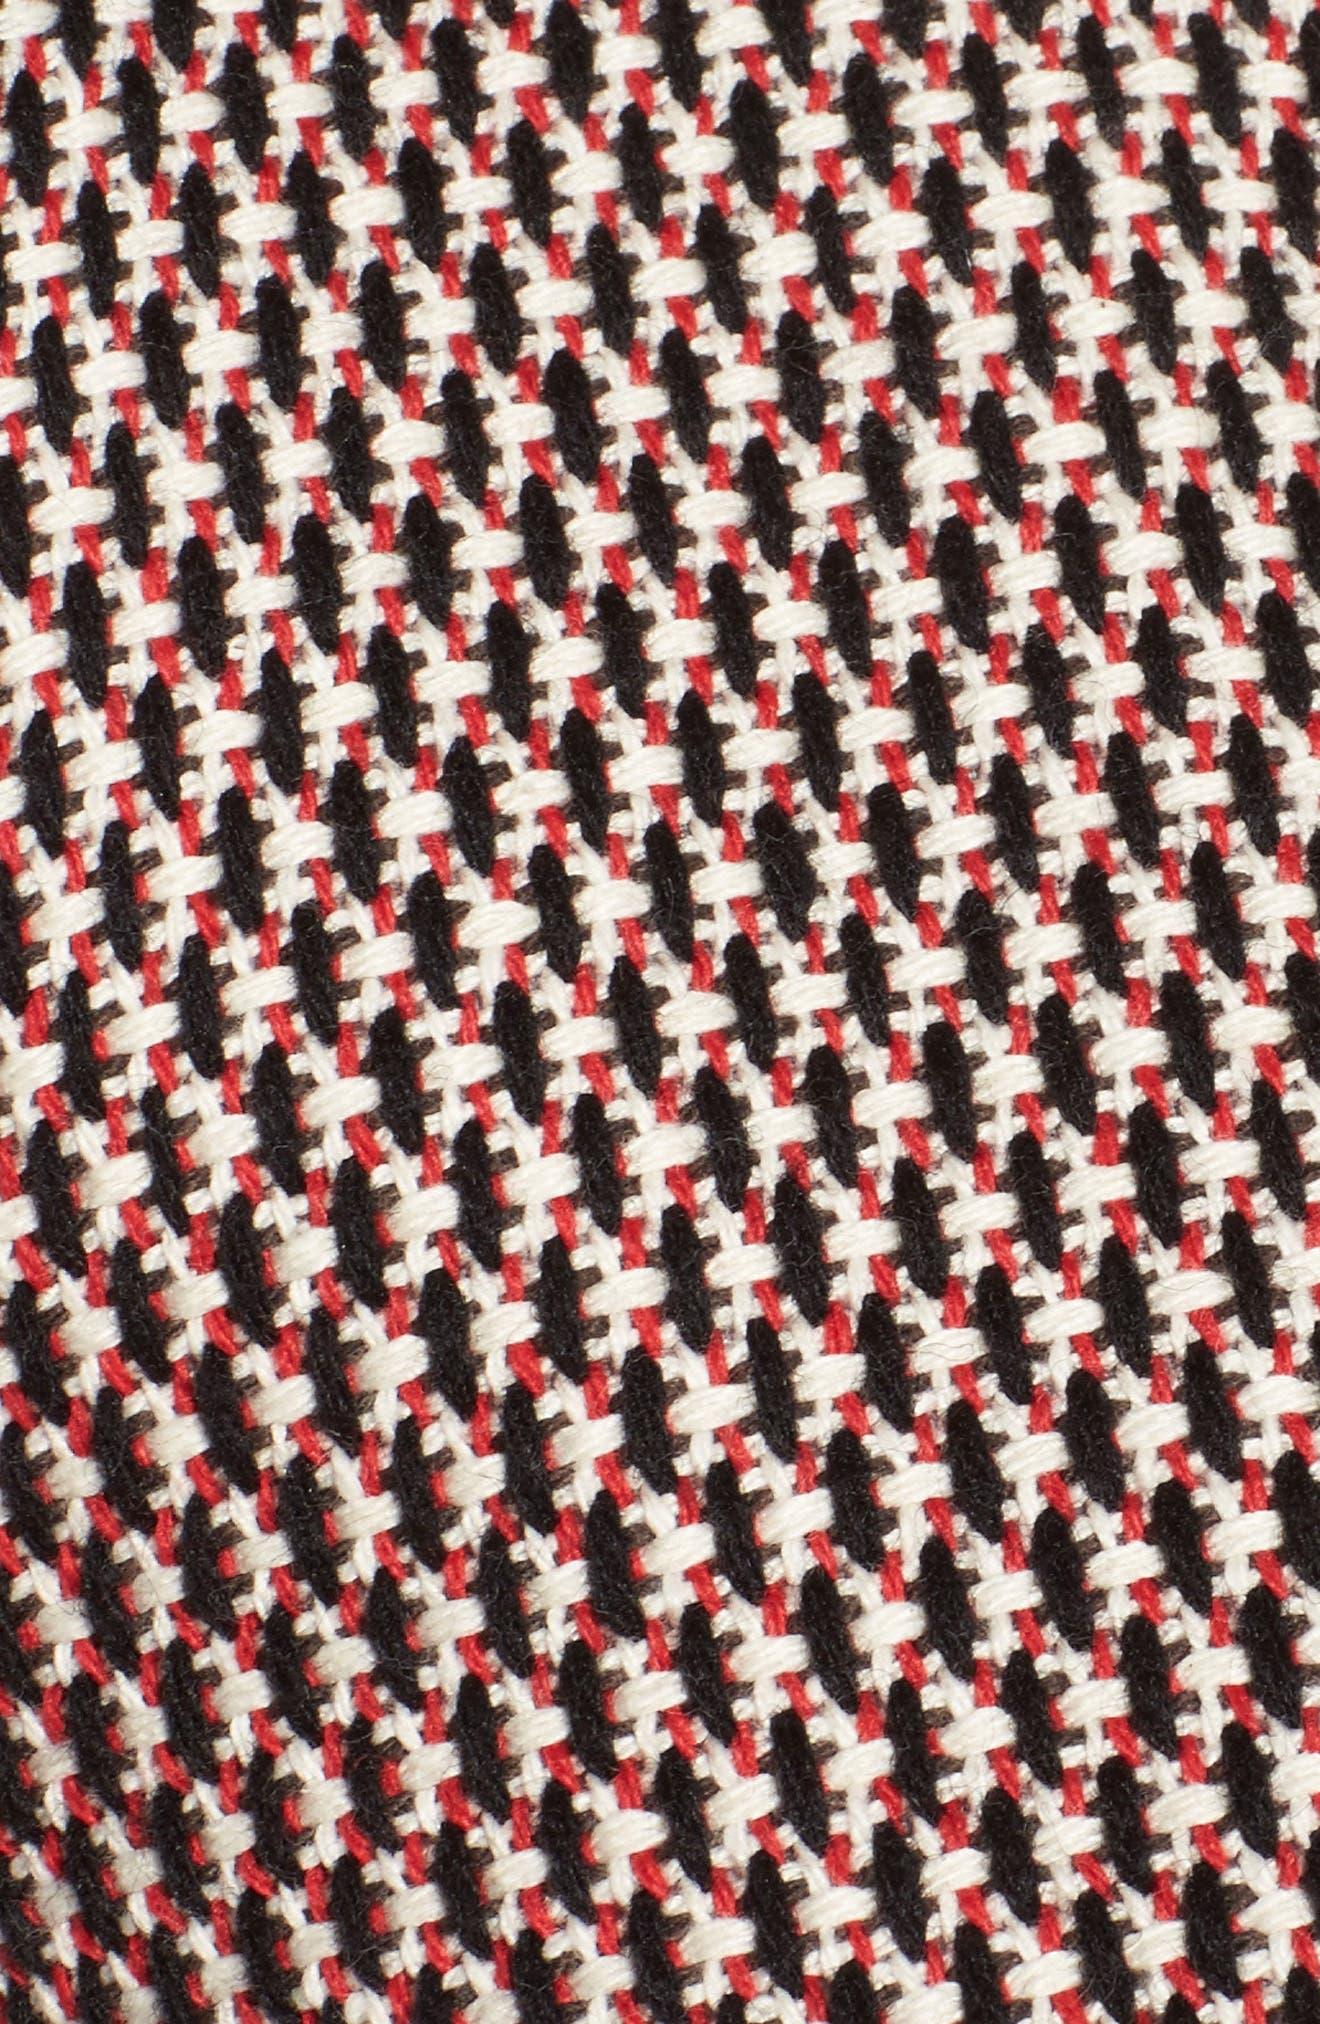 Keili Collarless Tweed Jacket,                             Alternate thumbnail 6, color,                             903